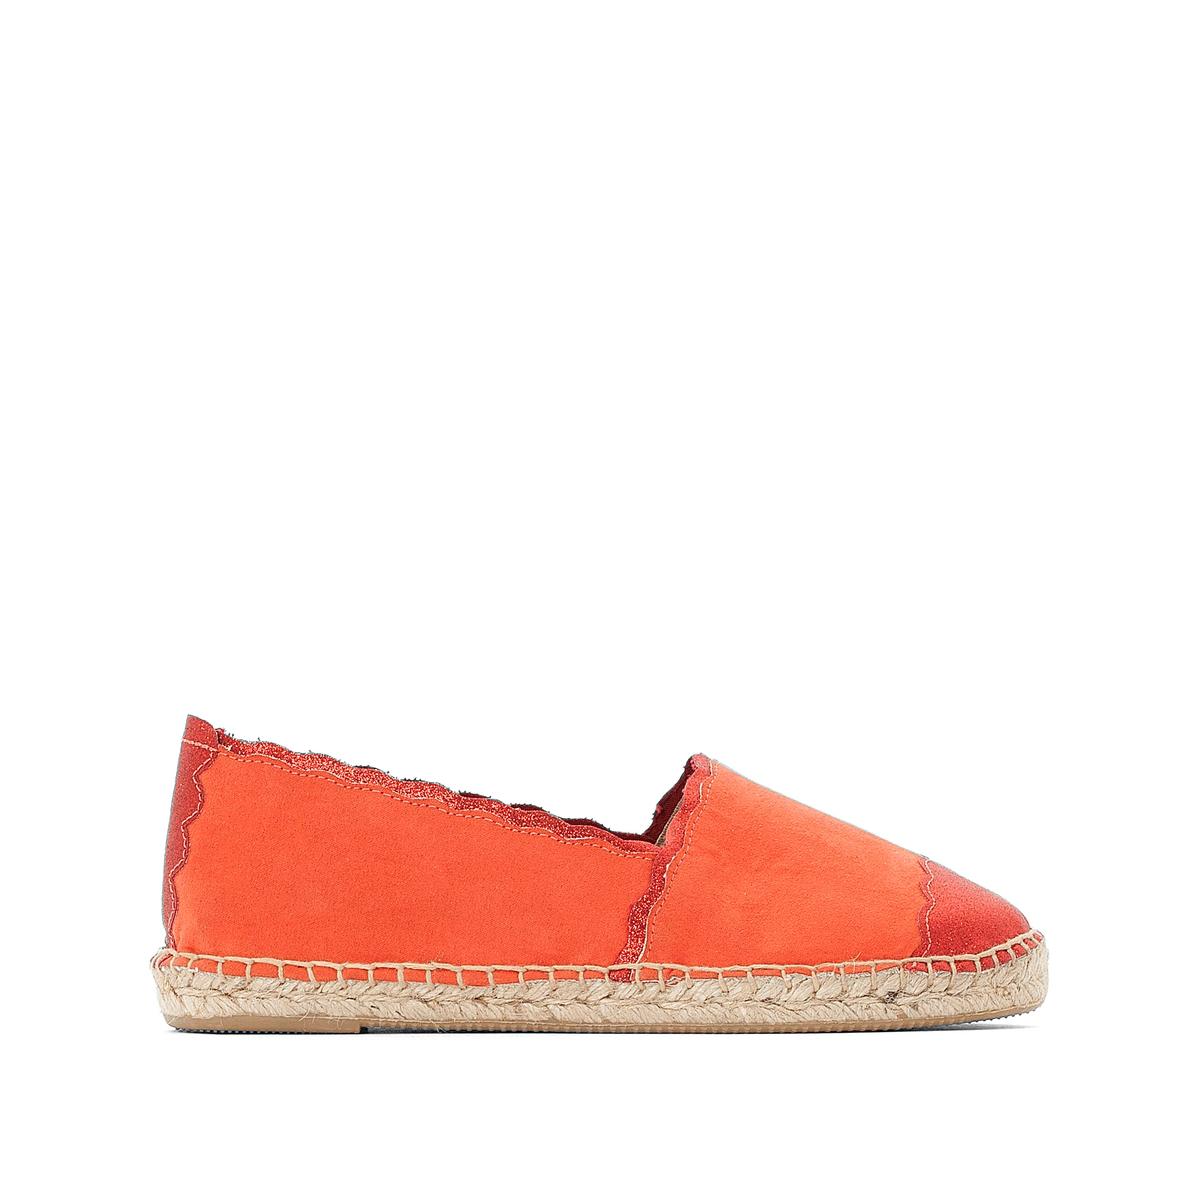 Эспадрильи La Redoute С блестящими деталями вязанными крючком 42 оранжевый туфли без задника кожаные с блестящими деталями